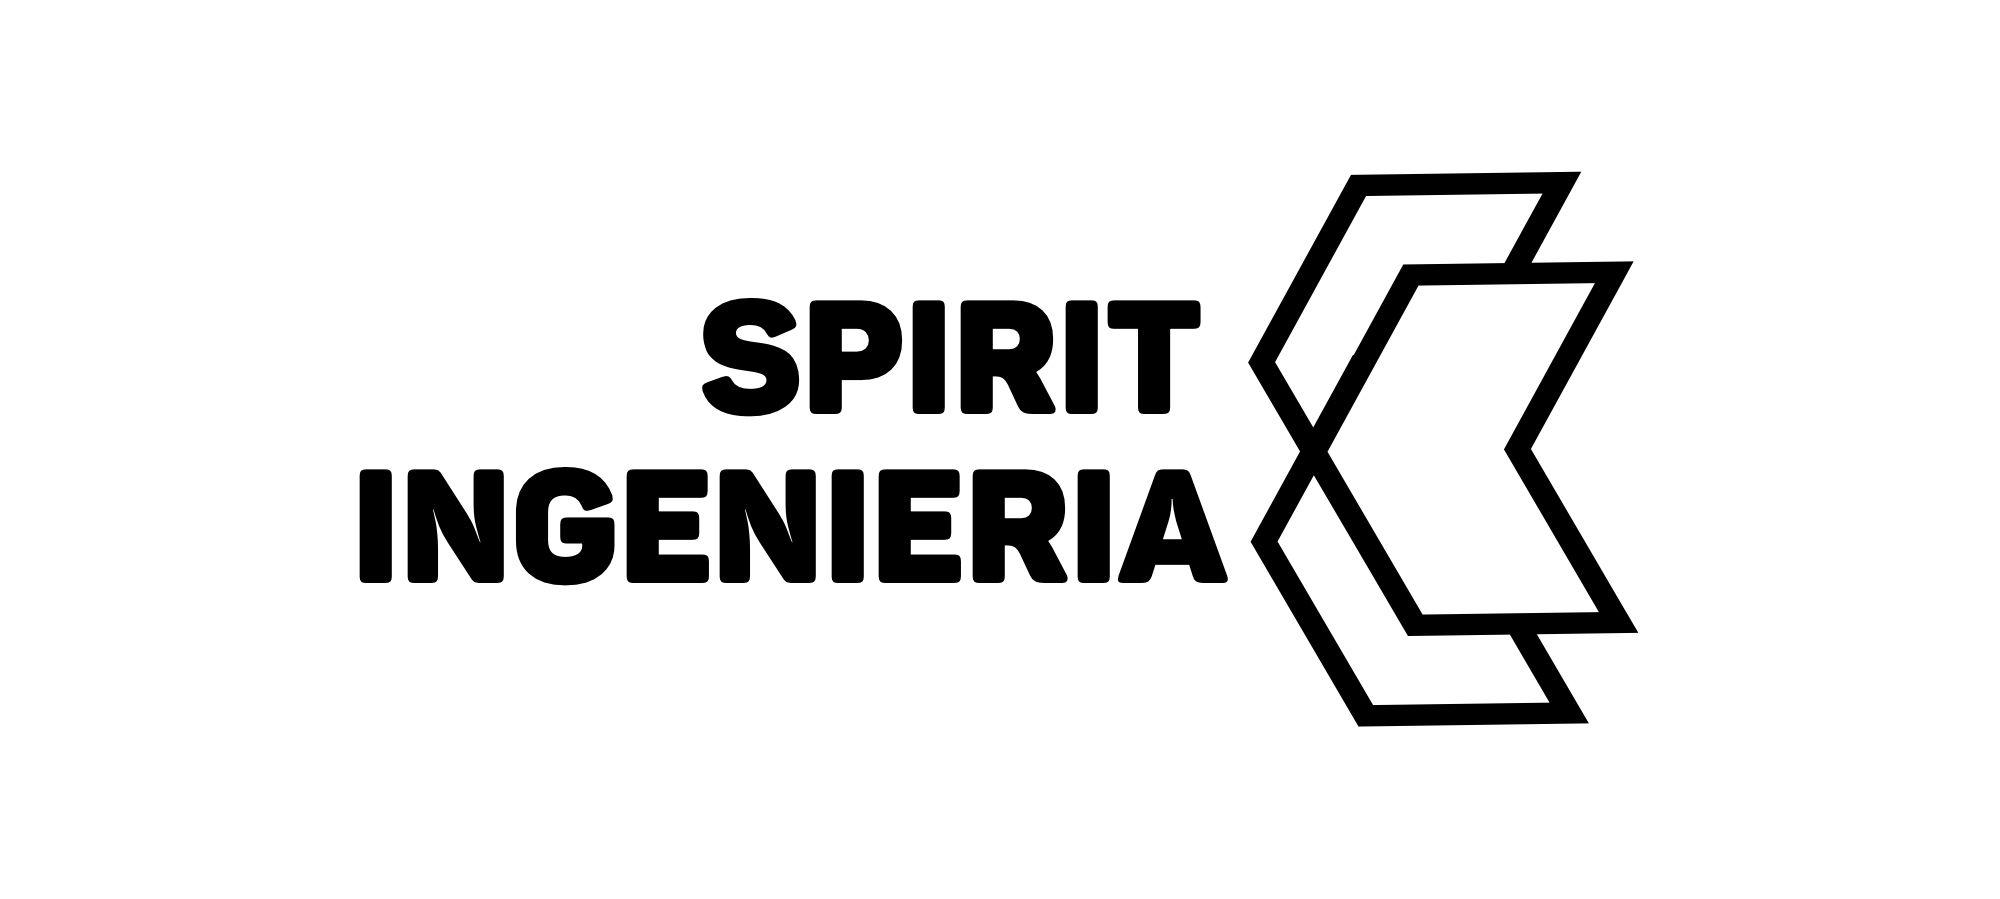 Spirit Ingenieria